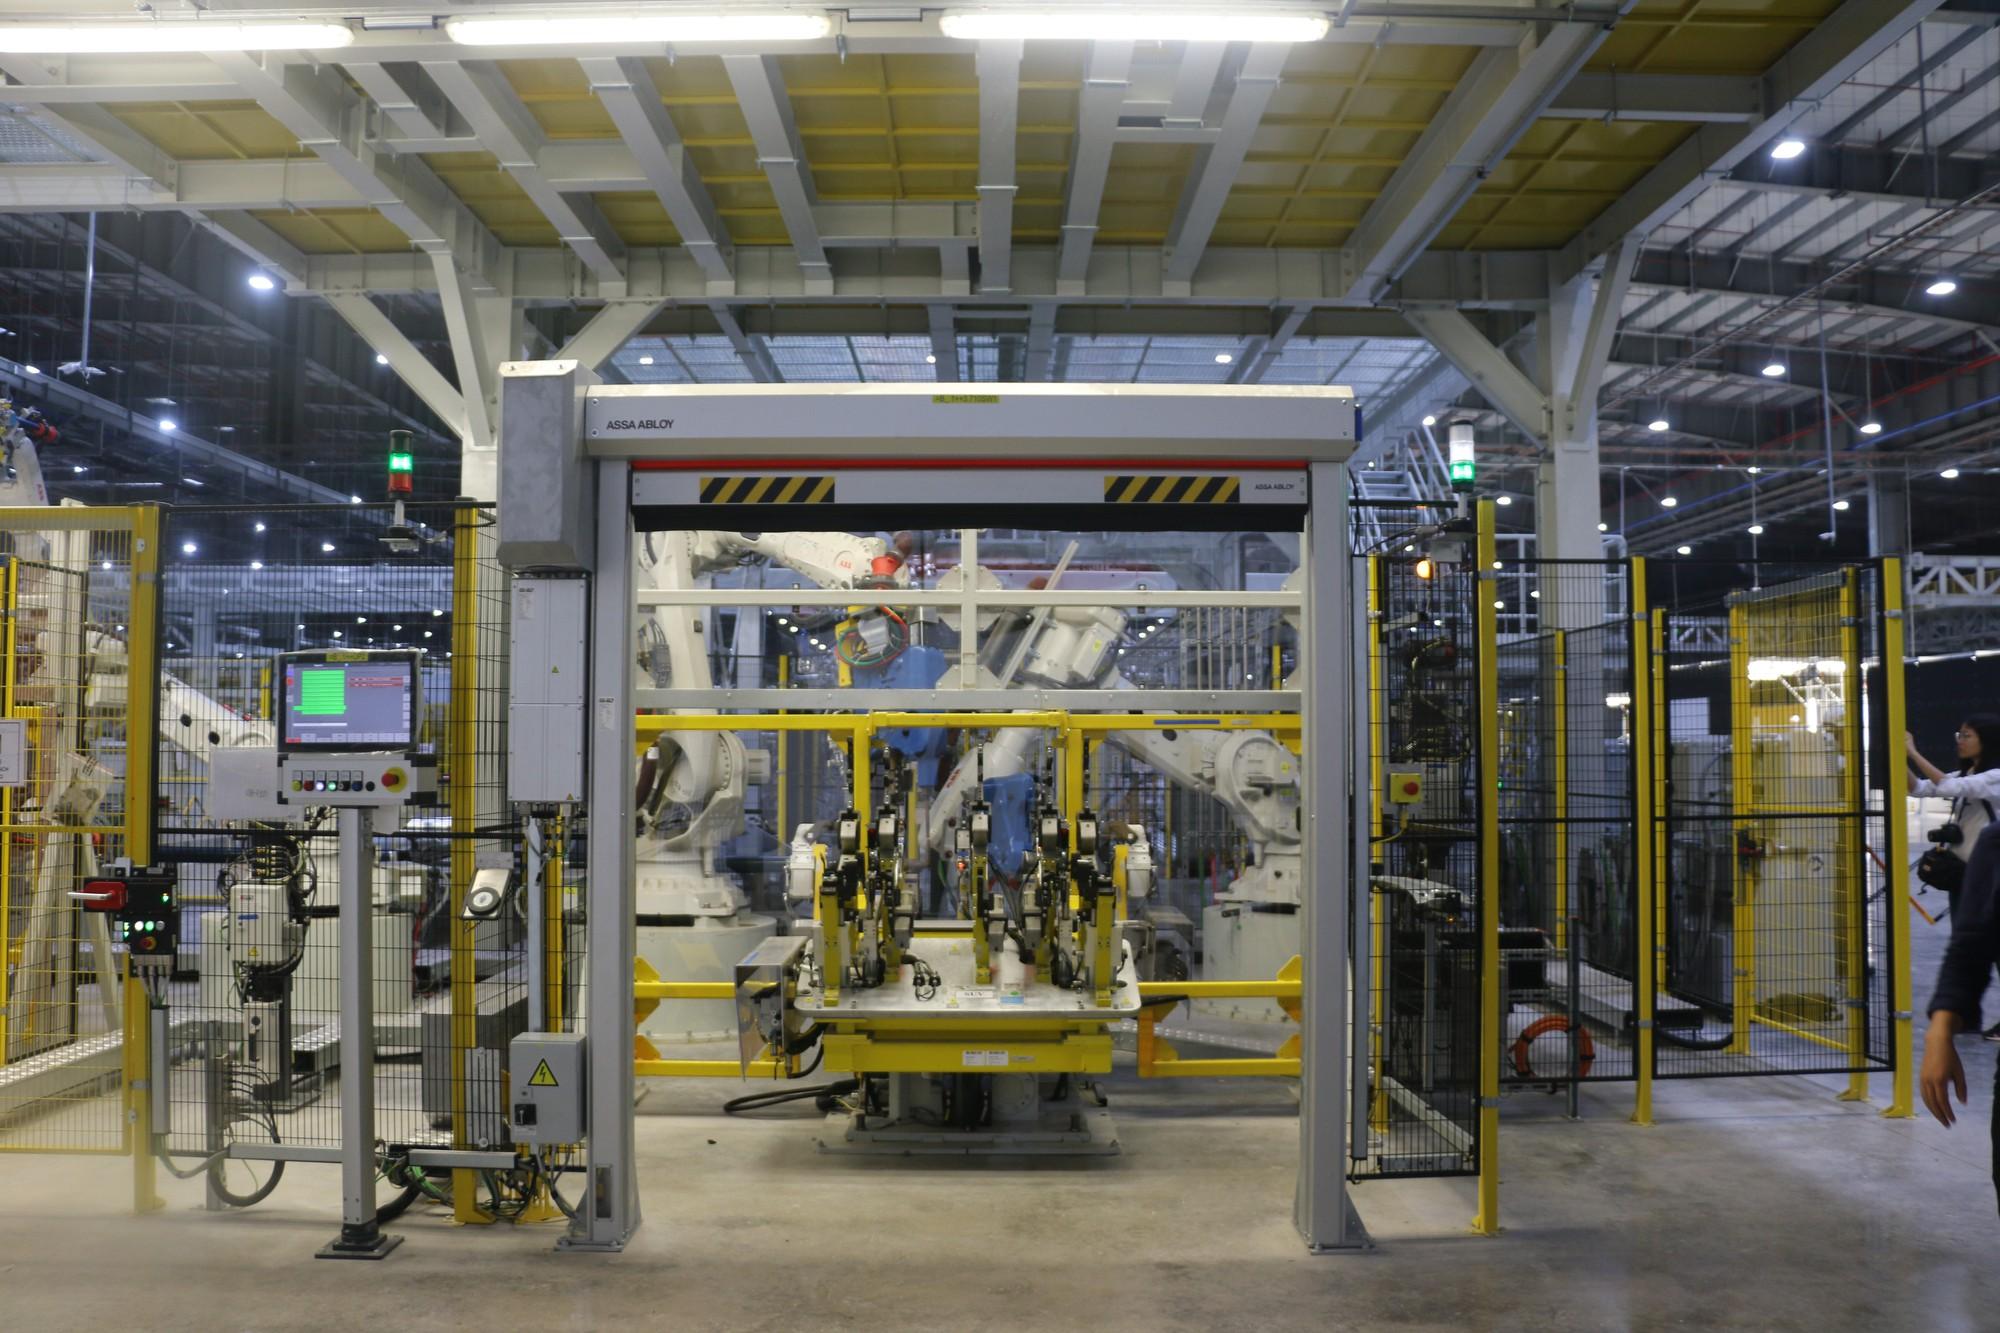 Xem quy trình lắp ráp ôtô VinFast trước ngày đi vào sản xuất thương mại - Ảnh 4.